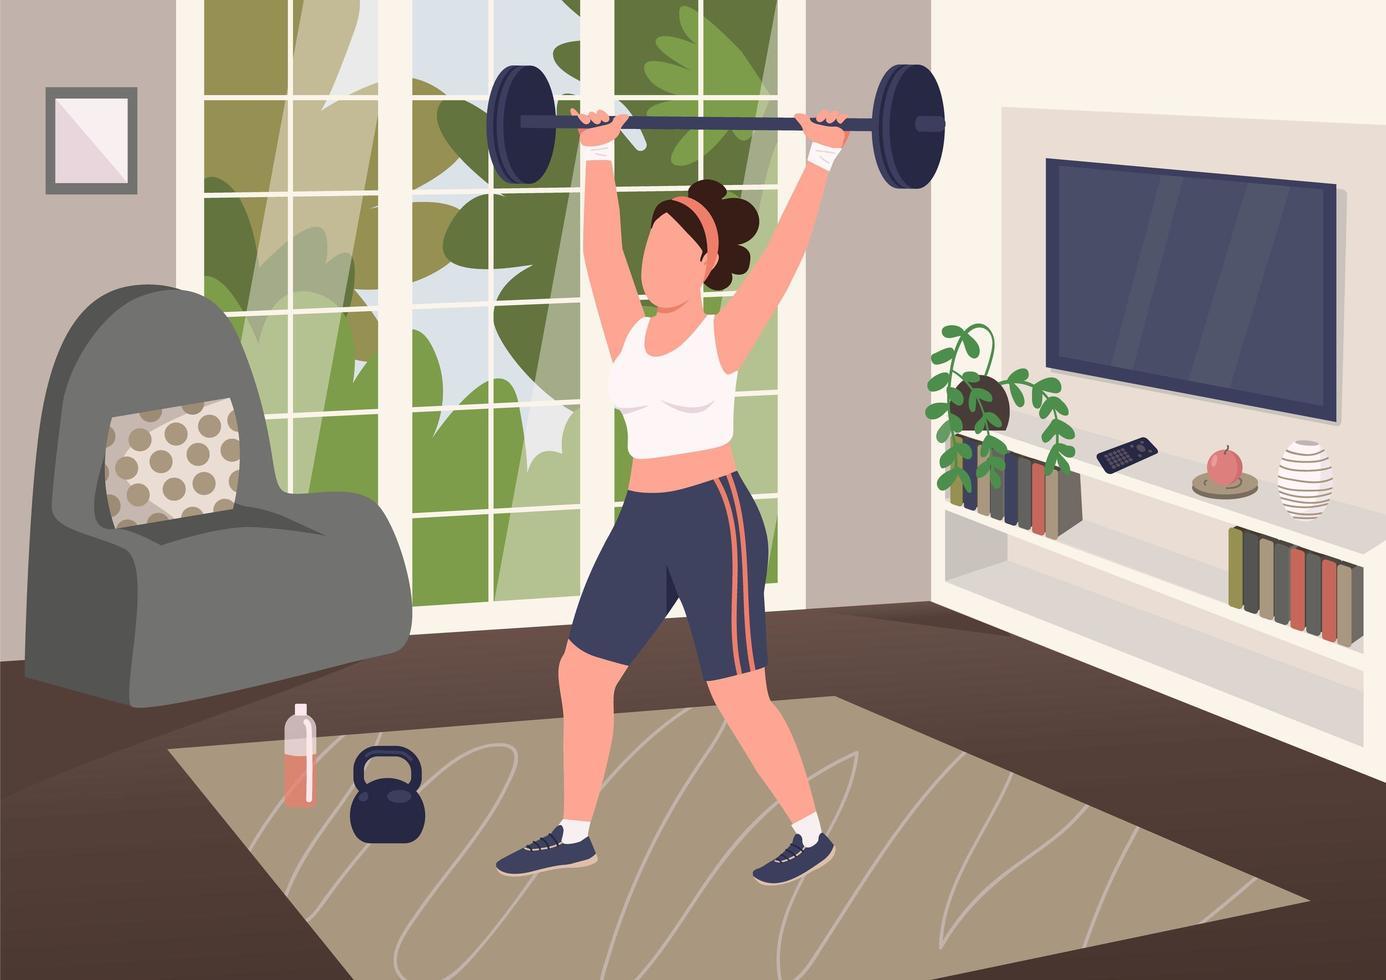 levantamiento de pesas en casa vector